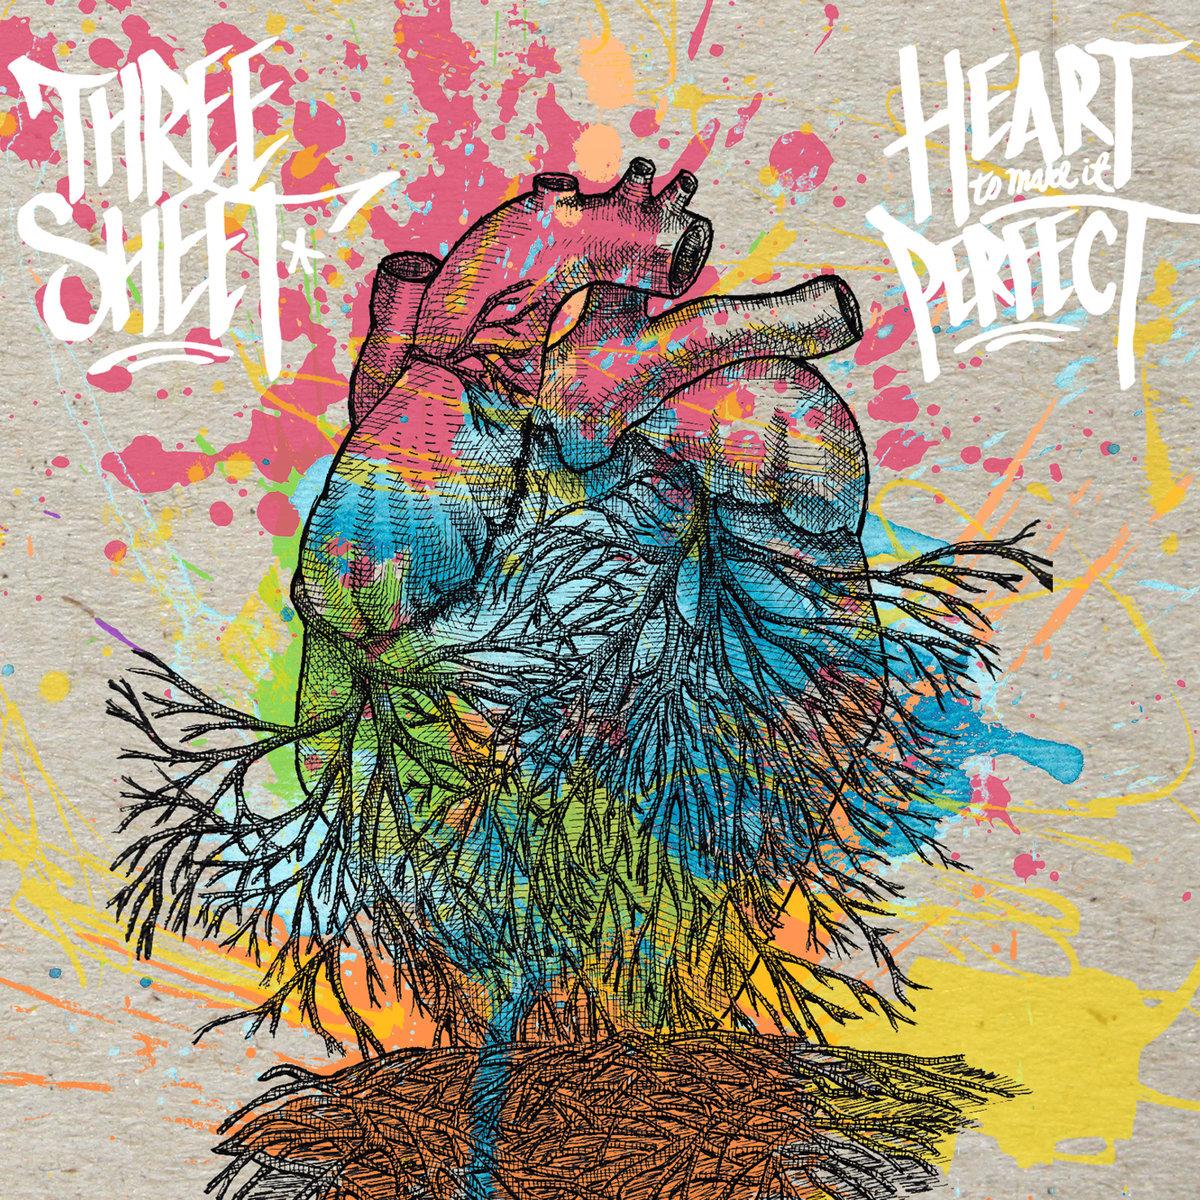 threesheet_hearttomakeitperfect.jpg